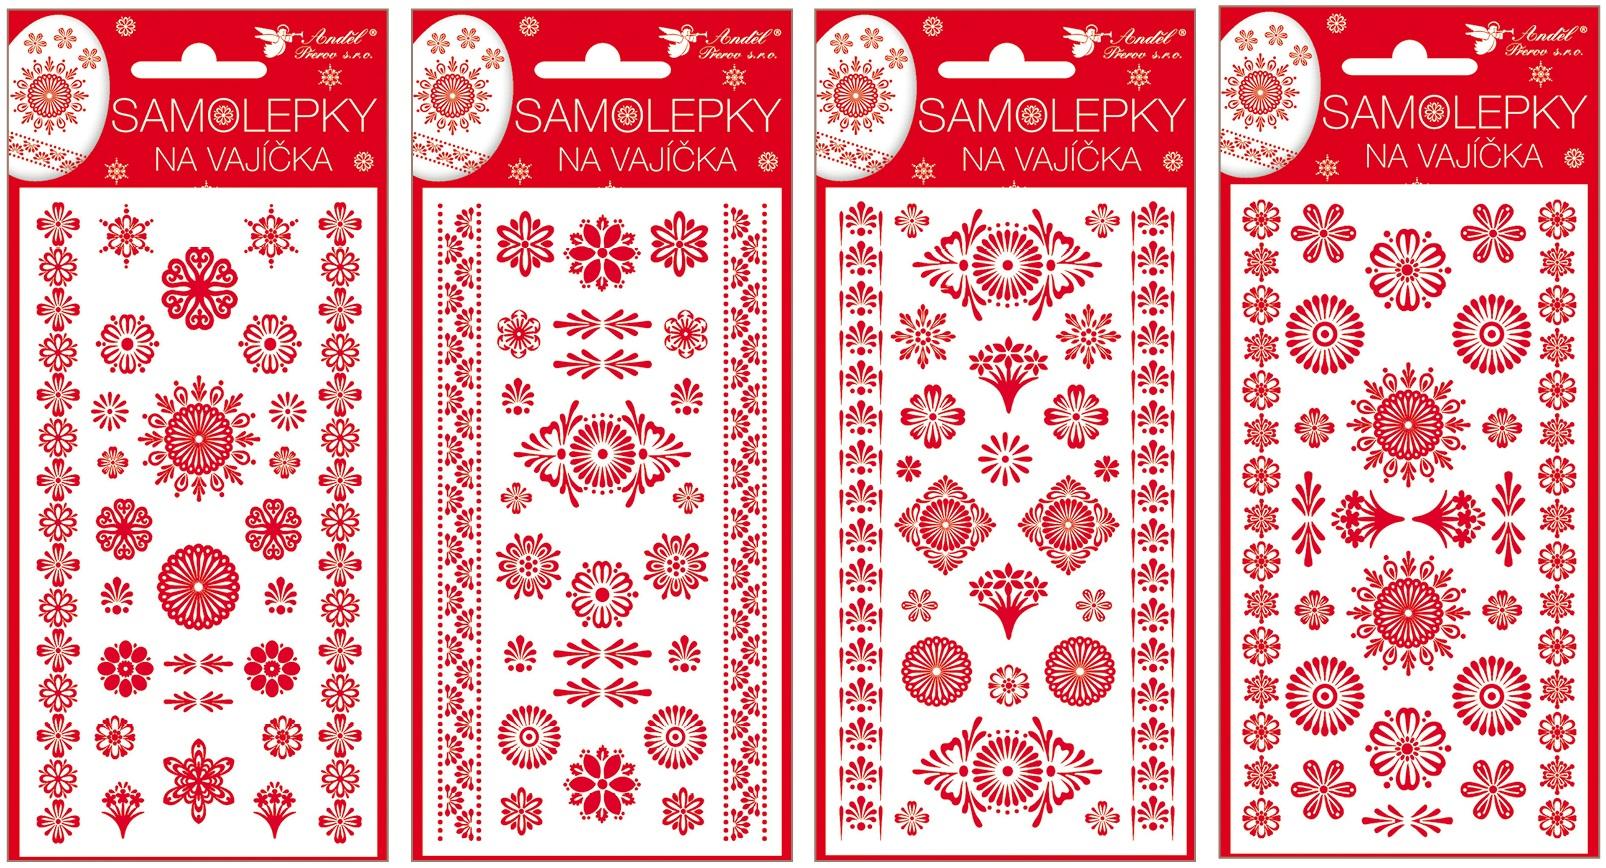 Samolepky velikonoční gelové červené 19 x 9cm